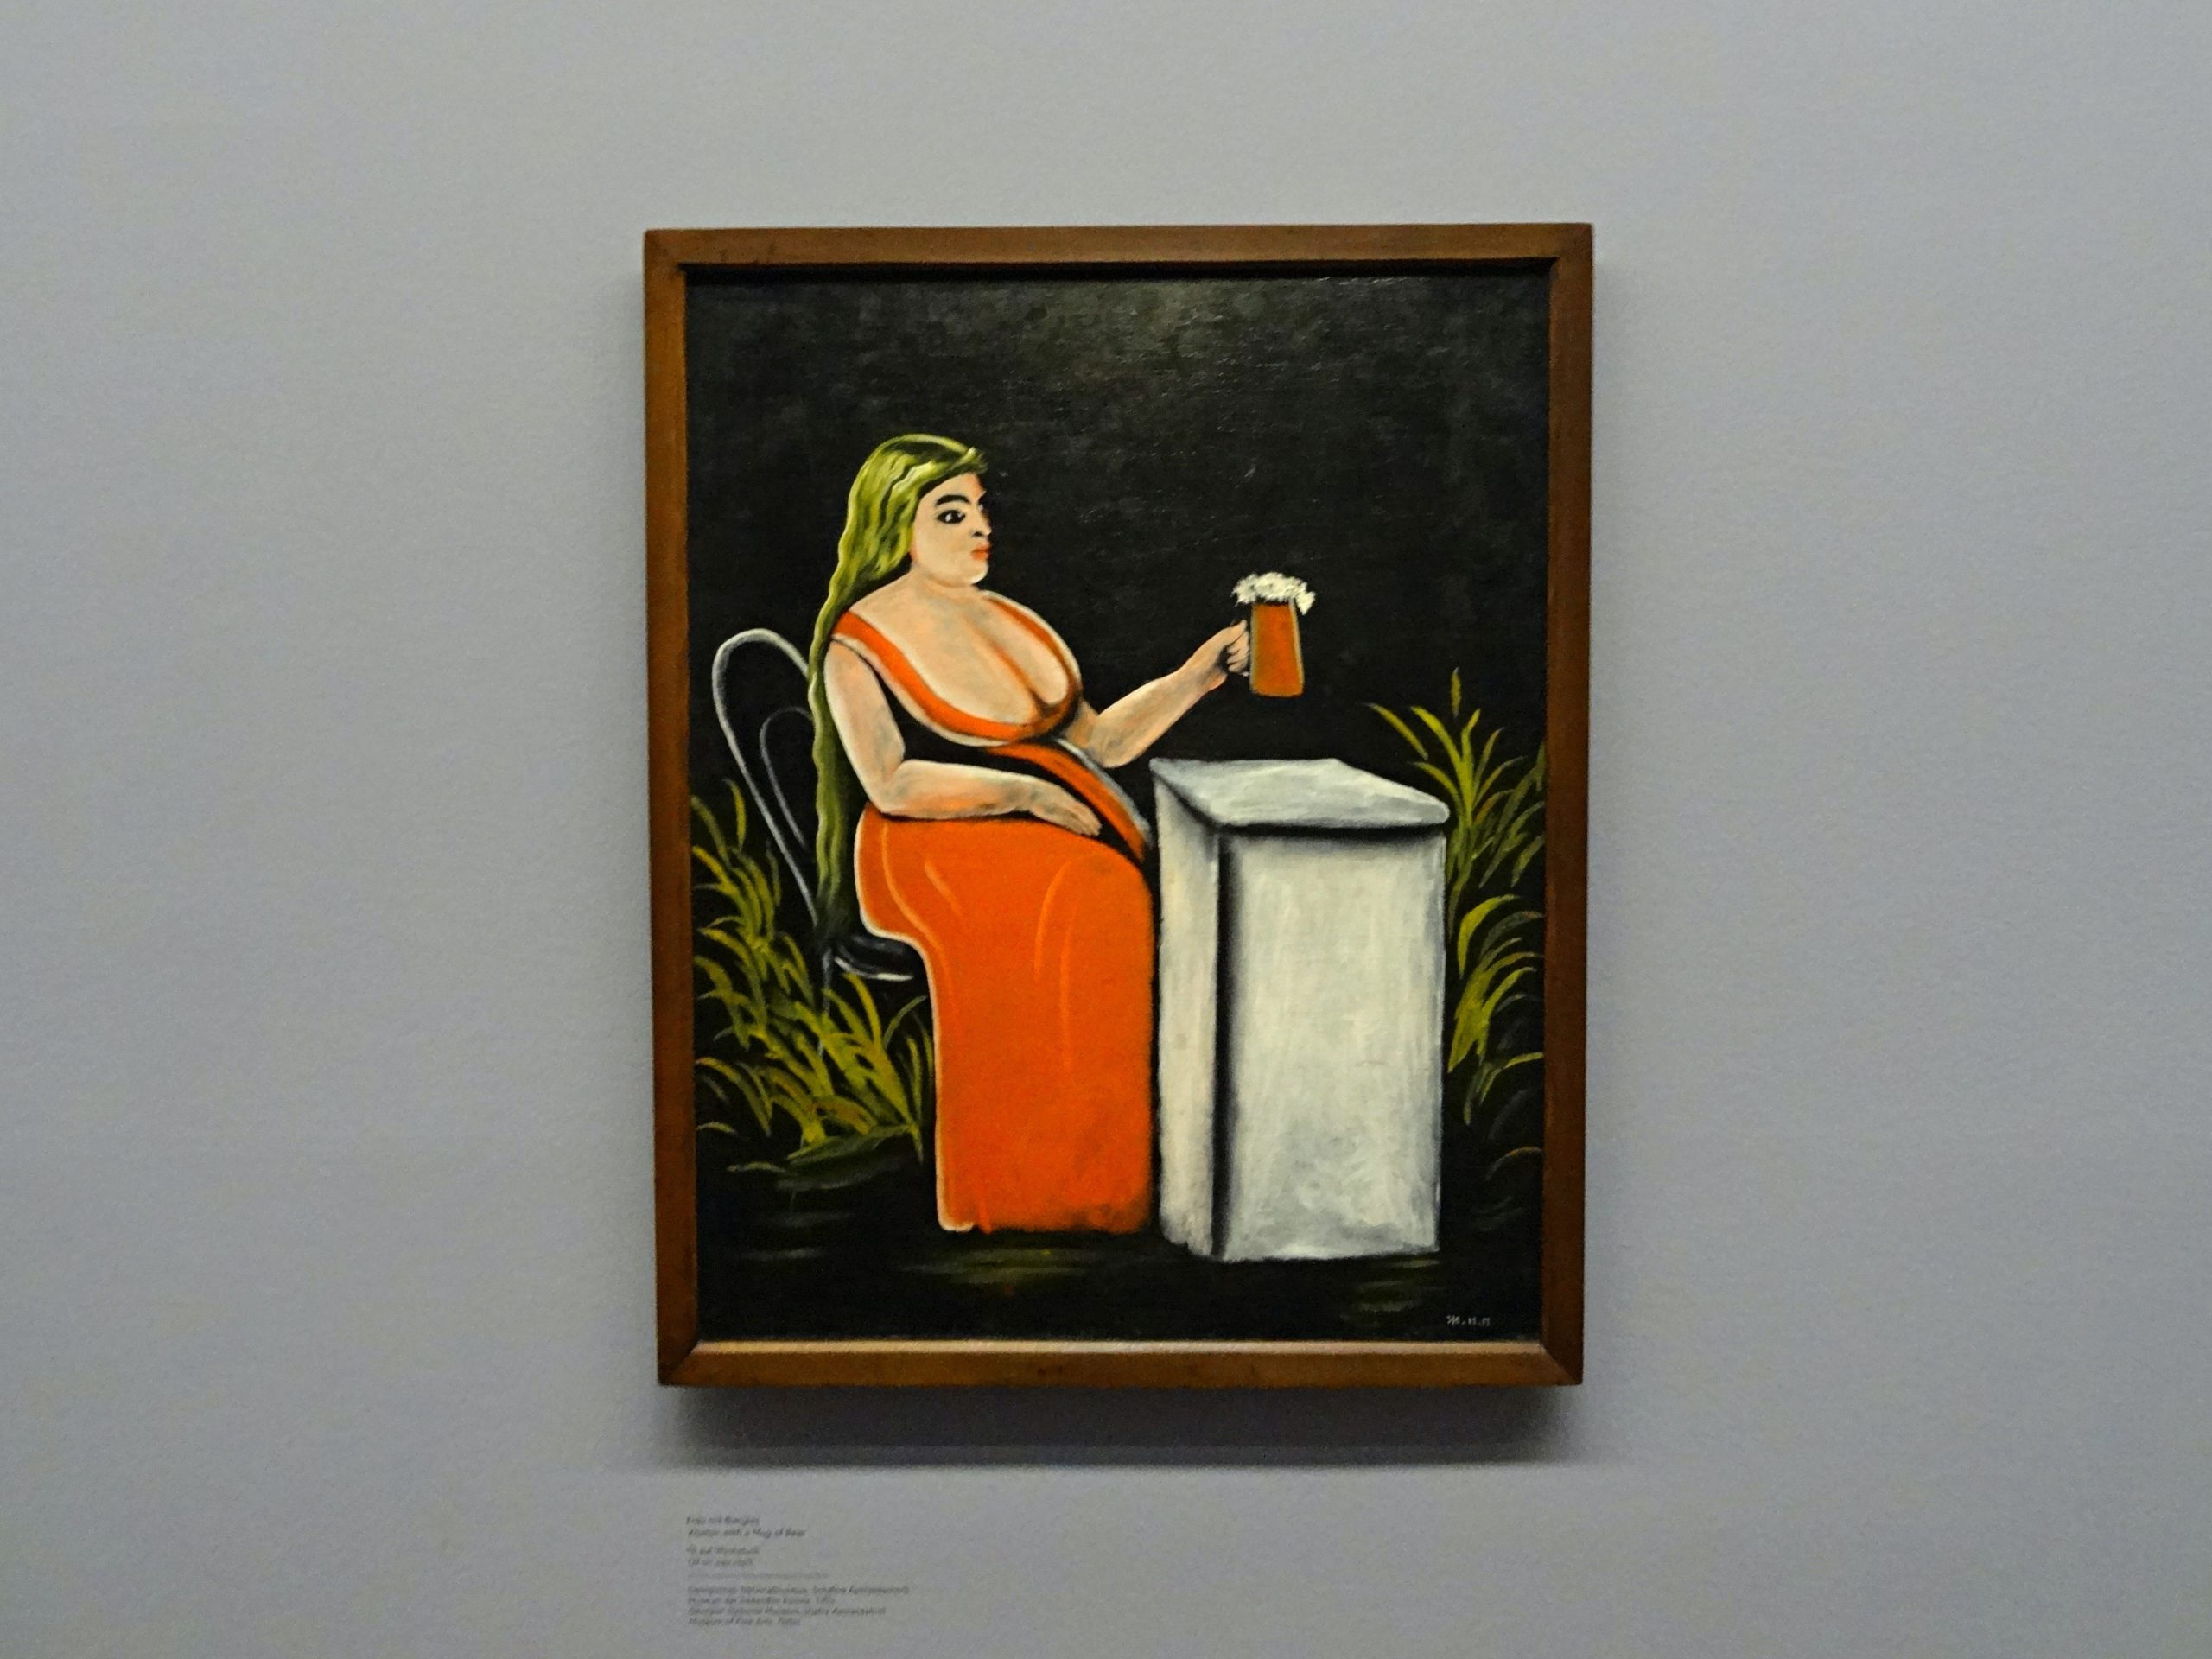 Tino Schlench - Literaturpalast - Niko Pirosmani - Frau mit einem Becher von Bier